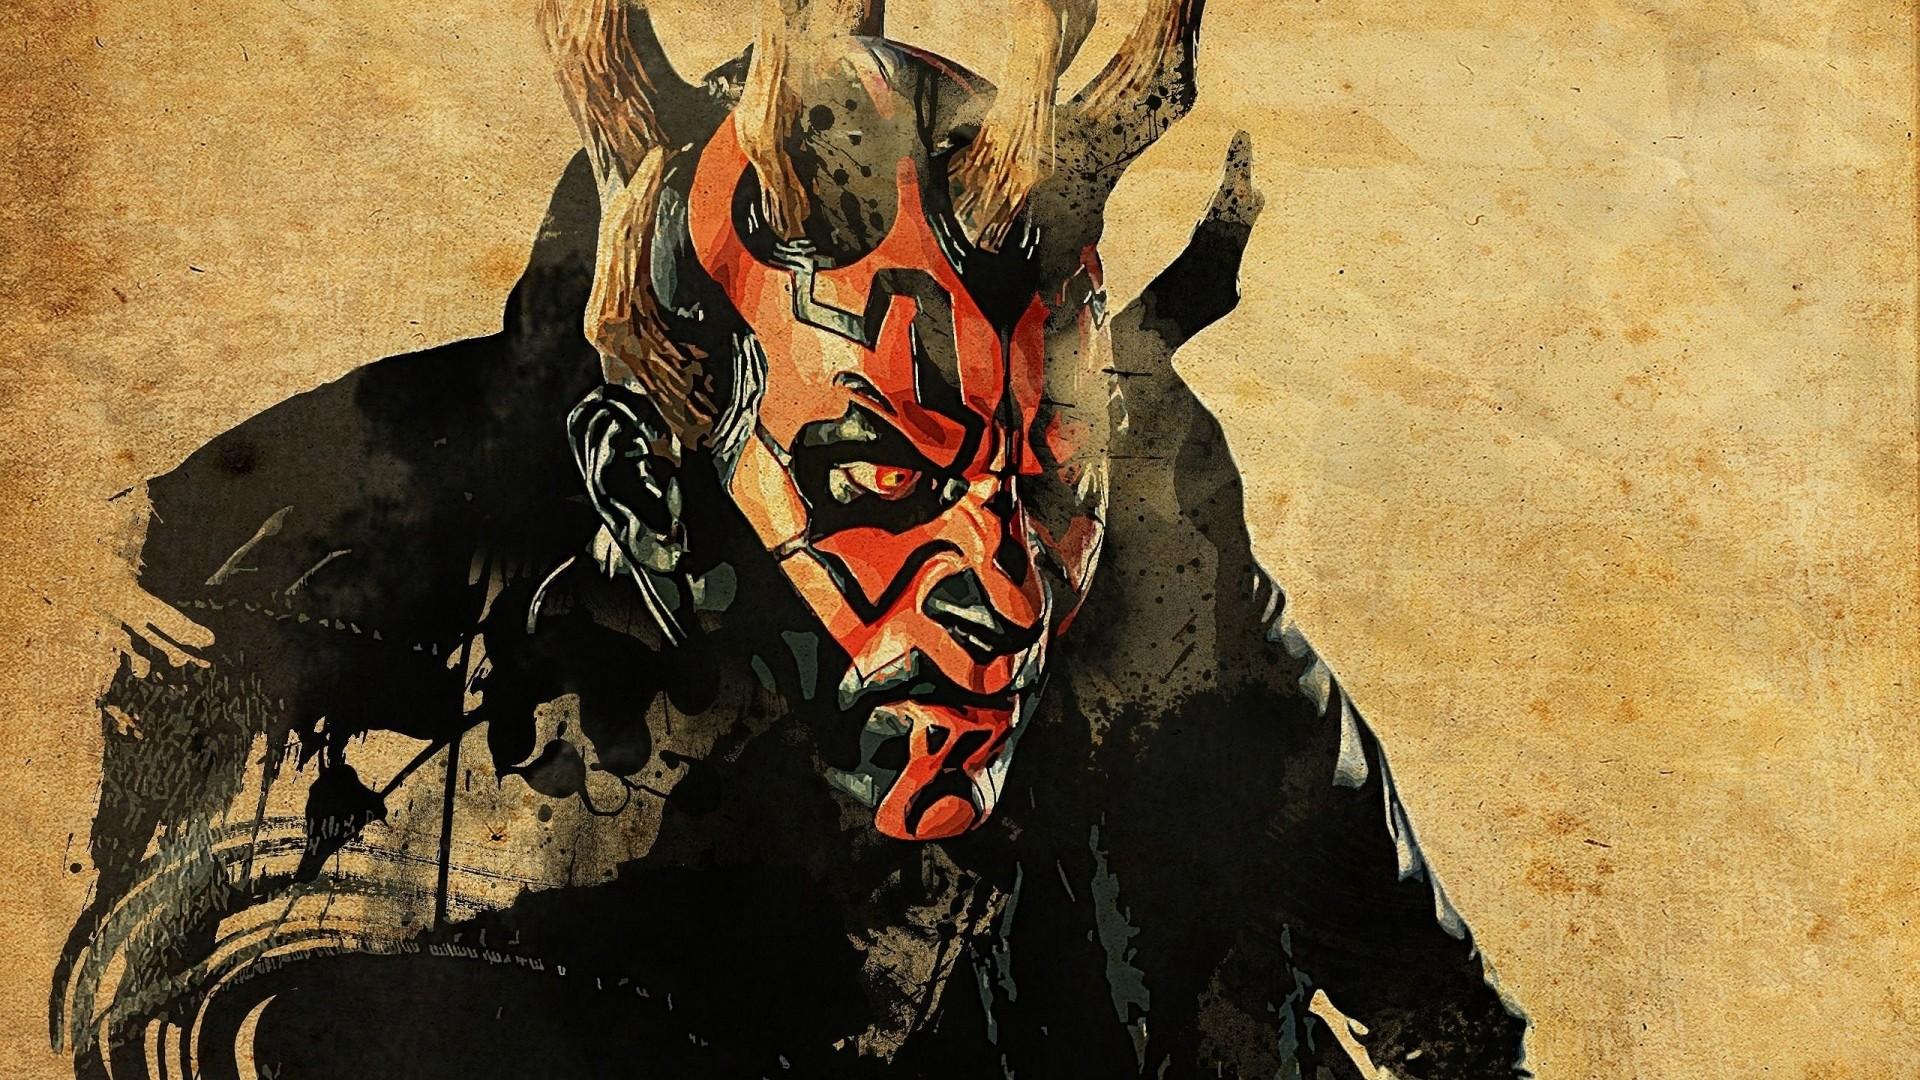 Wallpaper star wars, darth maul, art